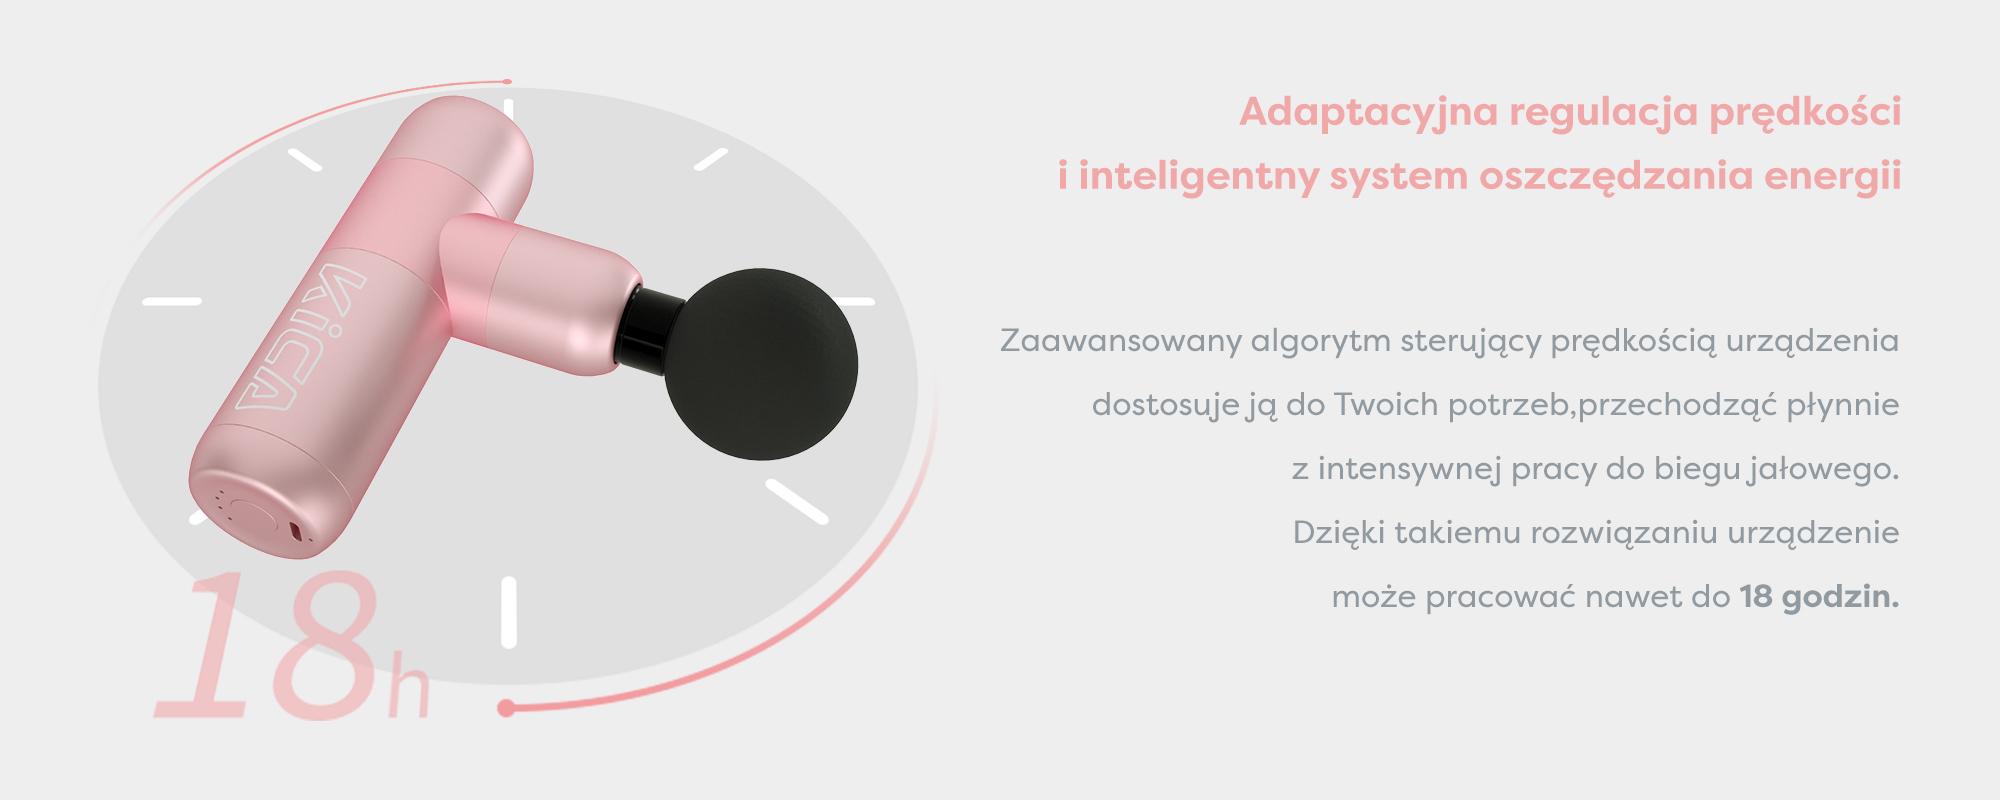 Grafika przedstawiająca masażer Kica K2 i opis zaawansowanego algorytmu sterującego prędkością urządzenia, który pozwala oszczędzać energię i umożliwia pracę do 18 godzin